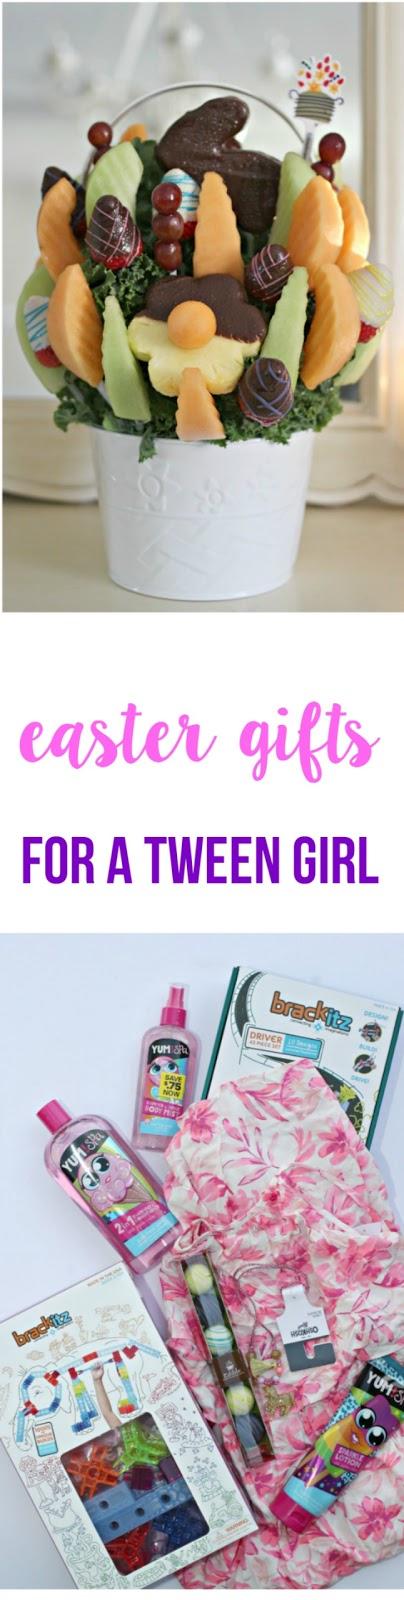 Easter gifts for a tween girl a little desert apartment easter gifts for a tween girl negle Gallery